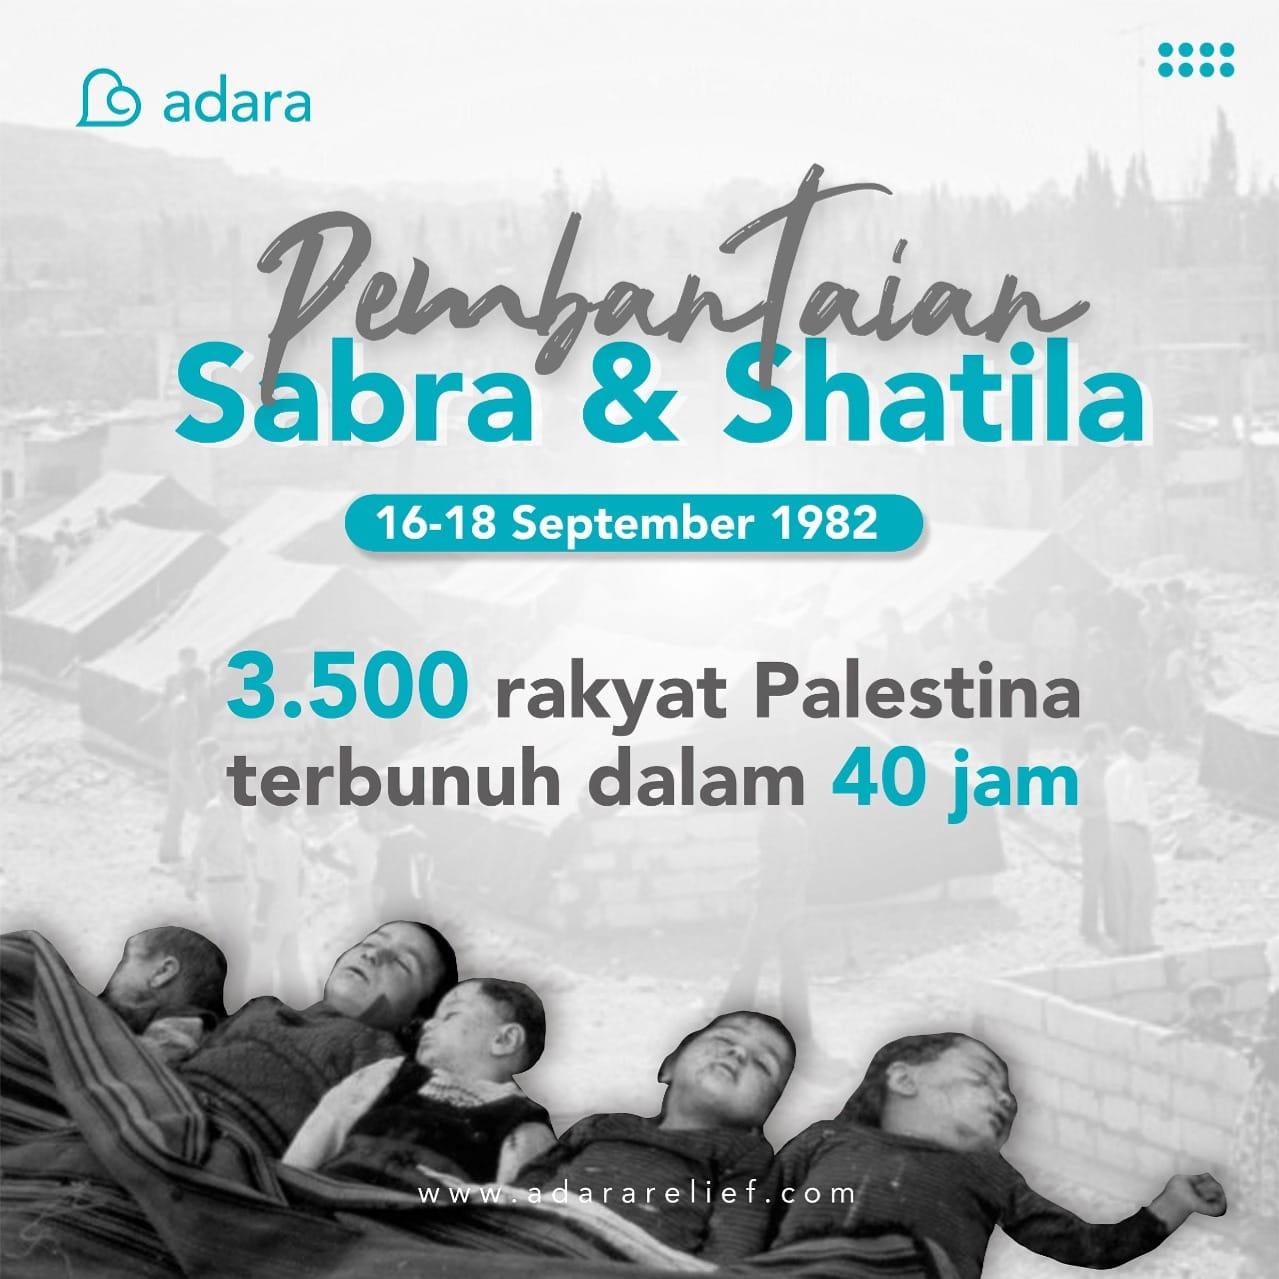 Mengenang Peristiwa Sabra Shatila